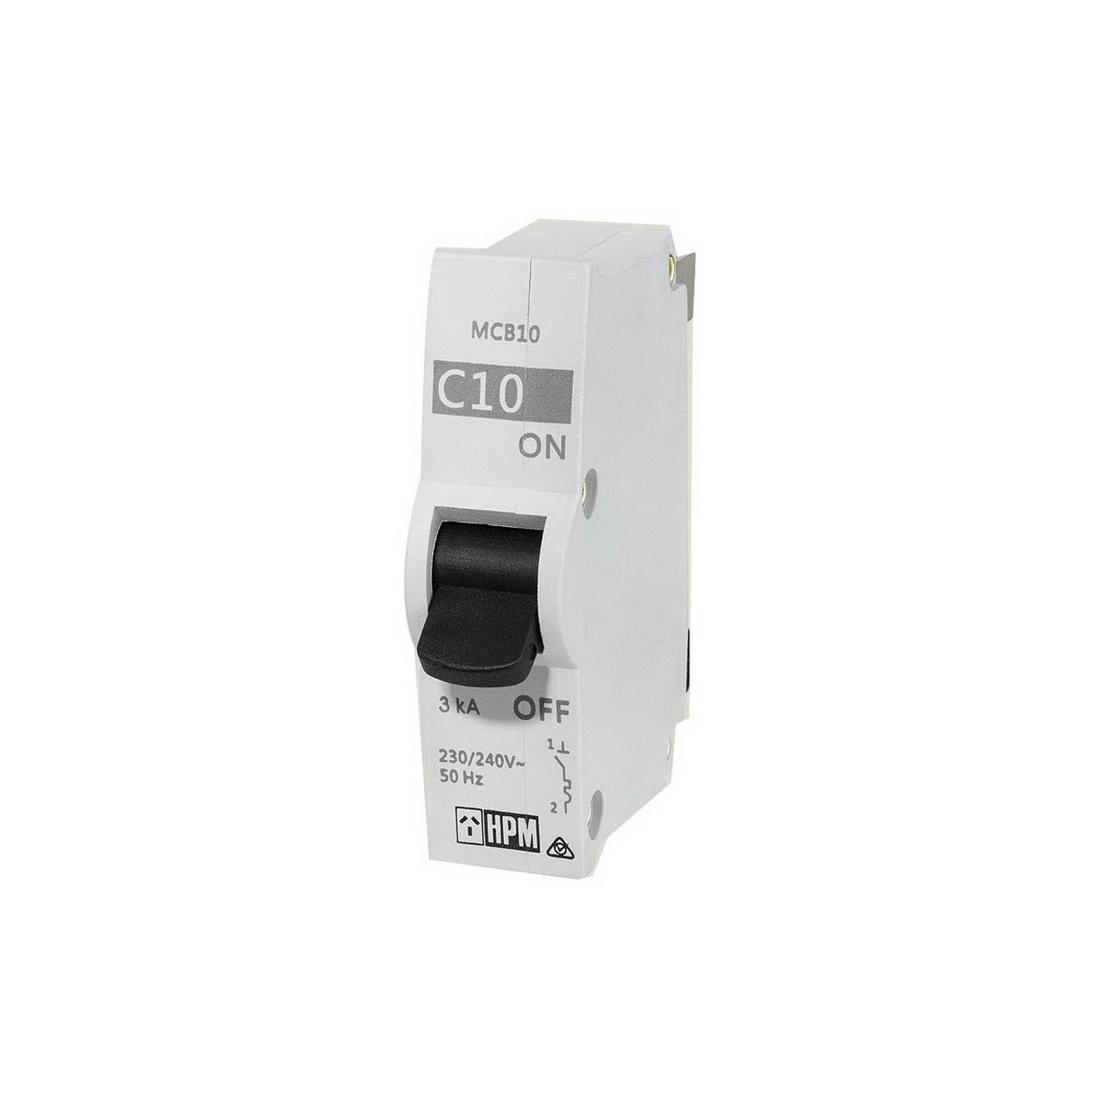 Plug In Circuit Breaker 10Amp DMCB10